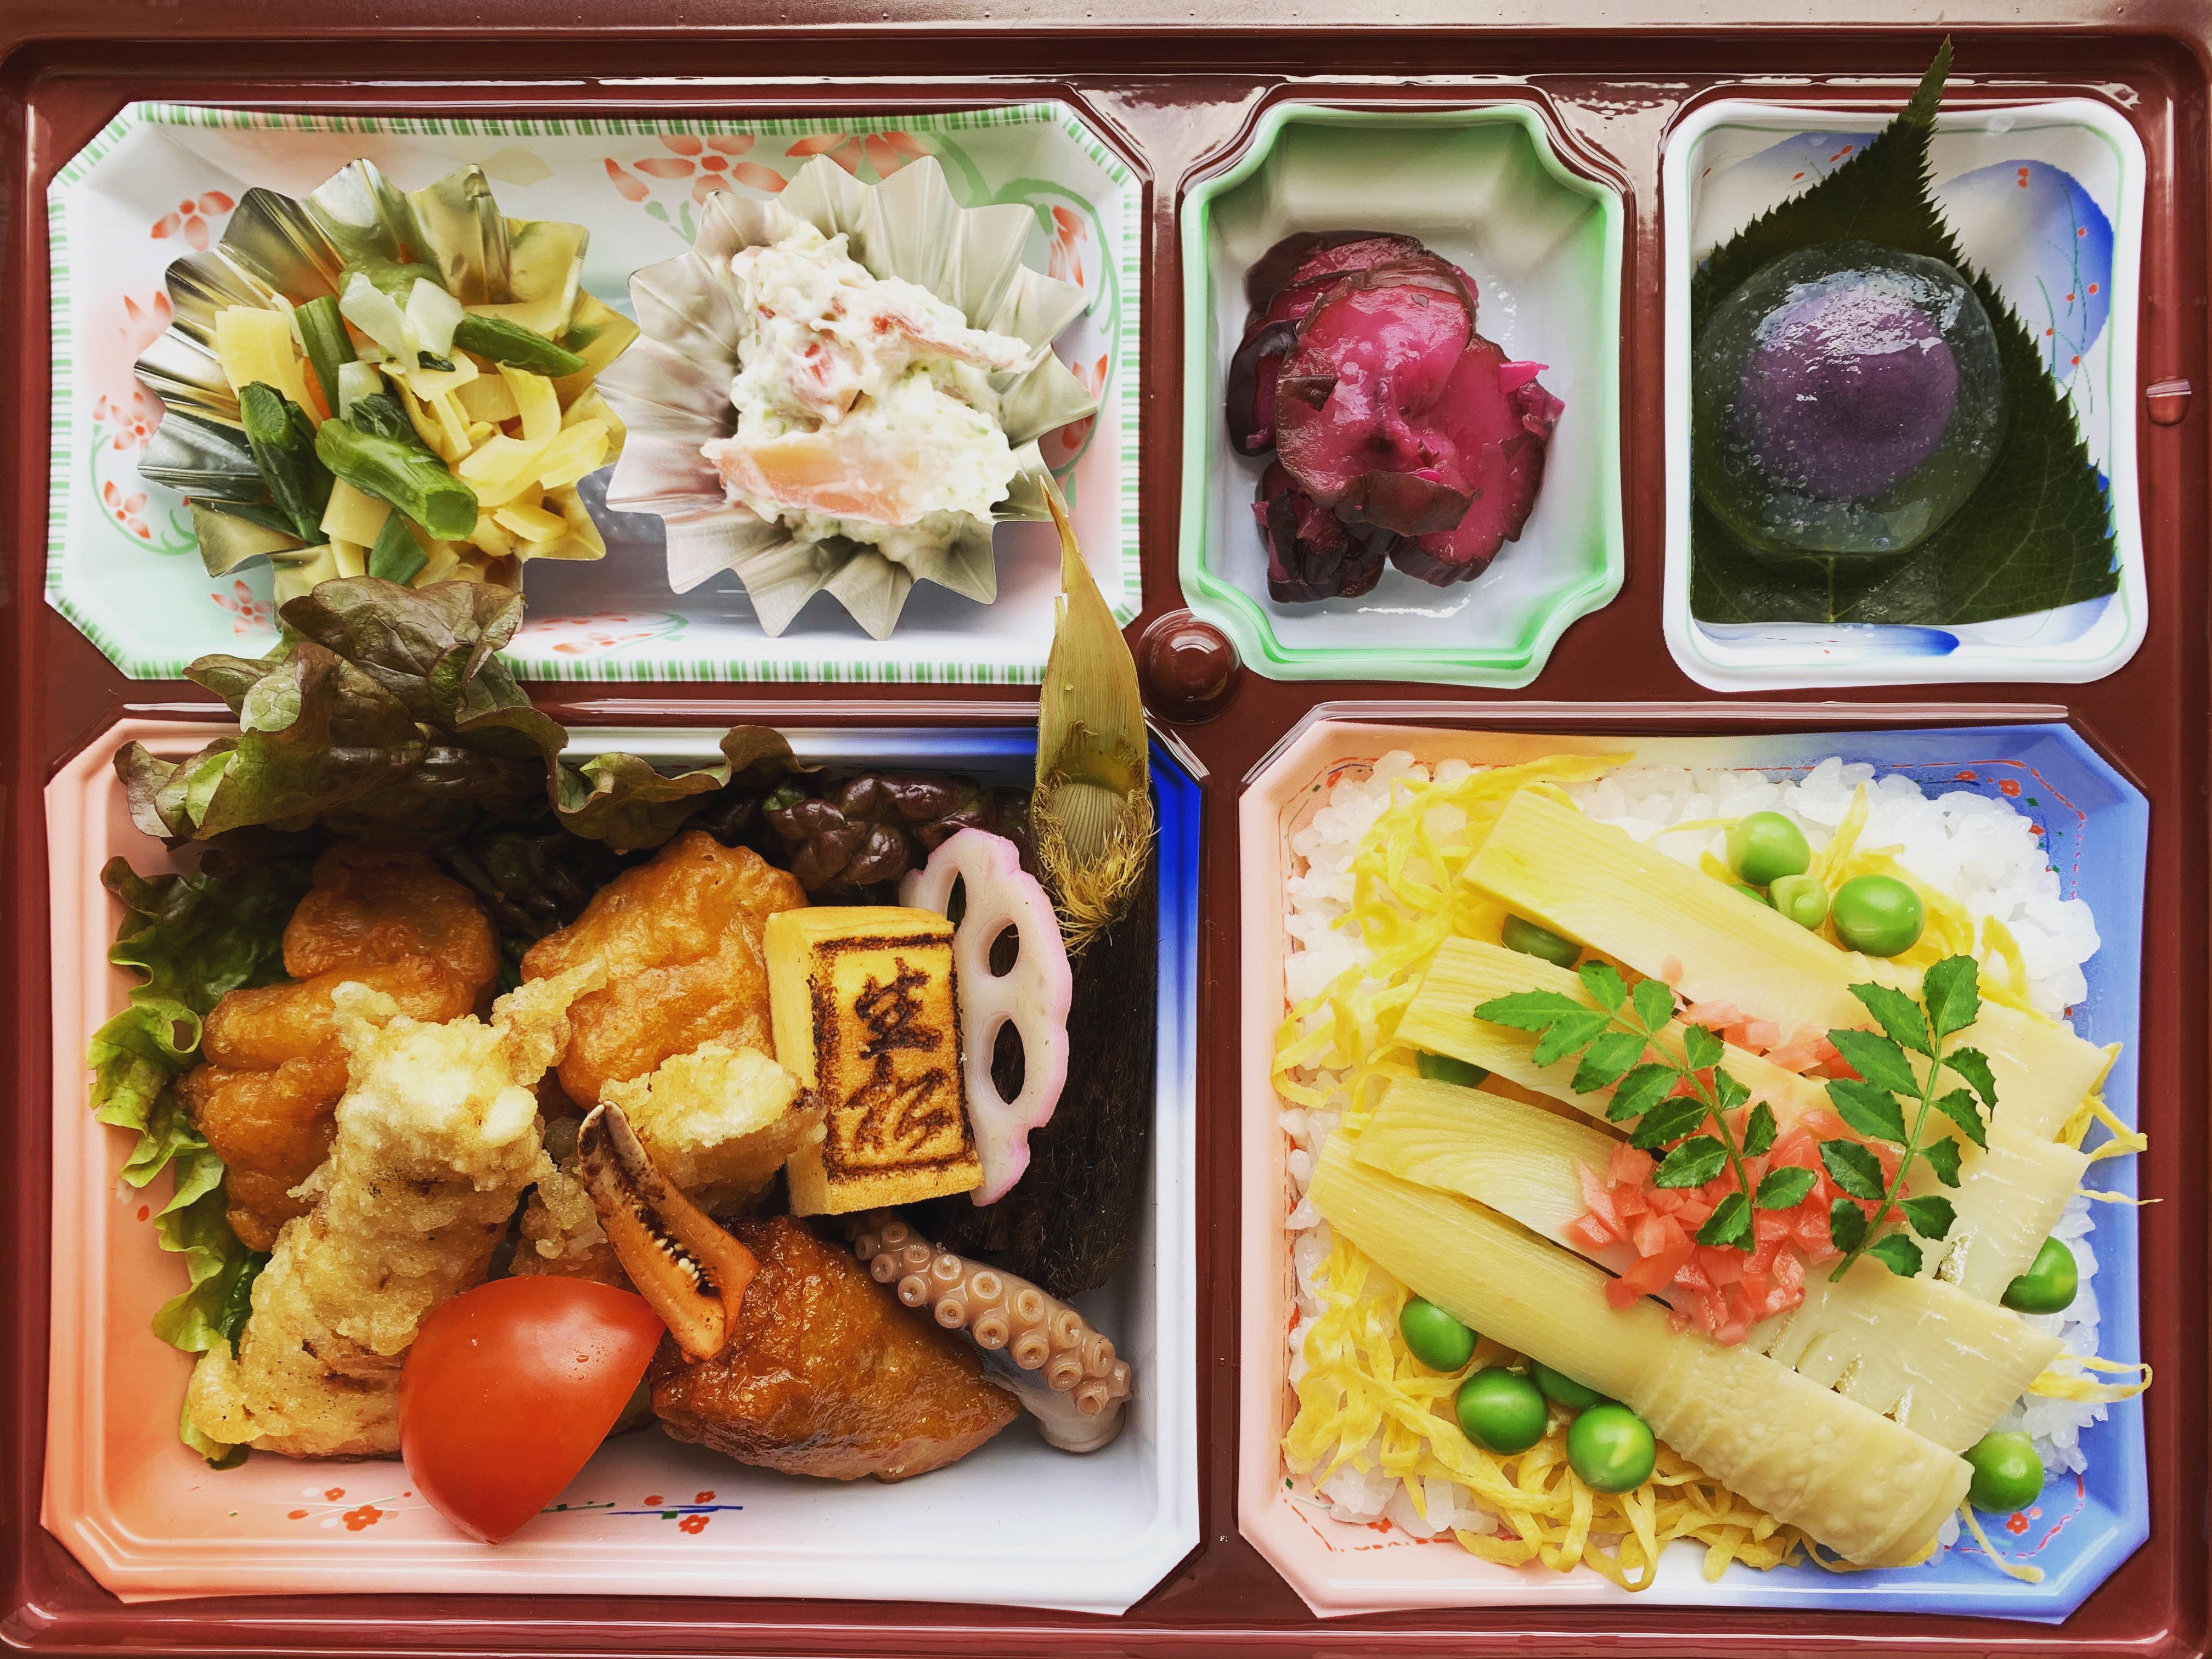 姫路市・本町「しらさぎ風雅 生松」太市筍づくし弁当 【飲食店応援企画】